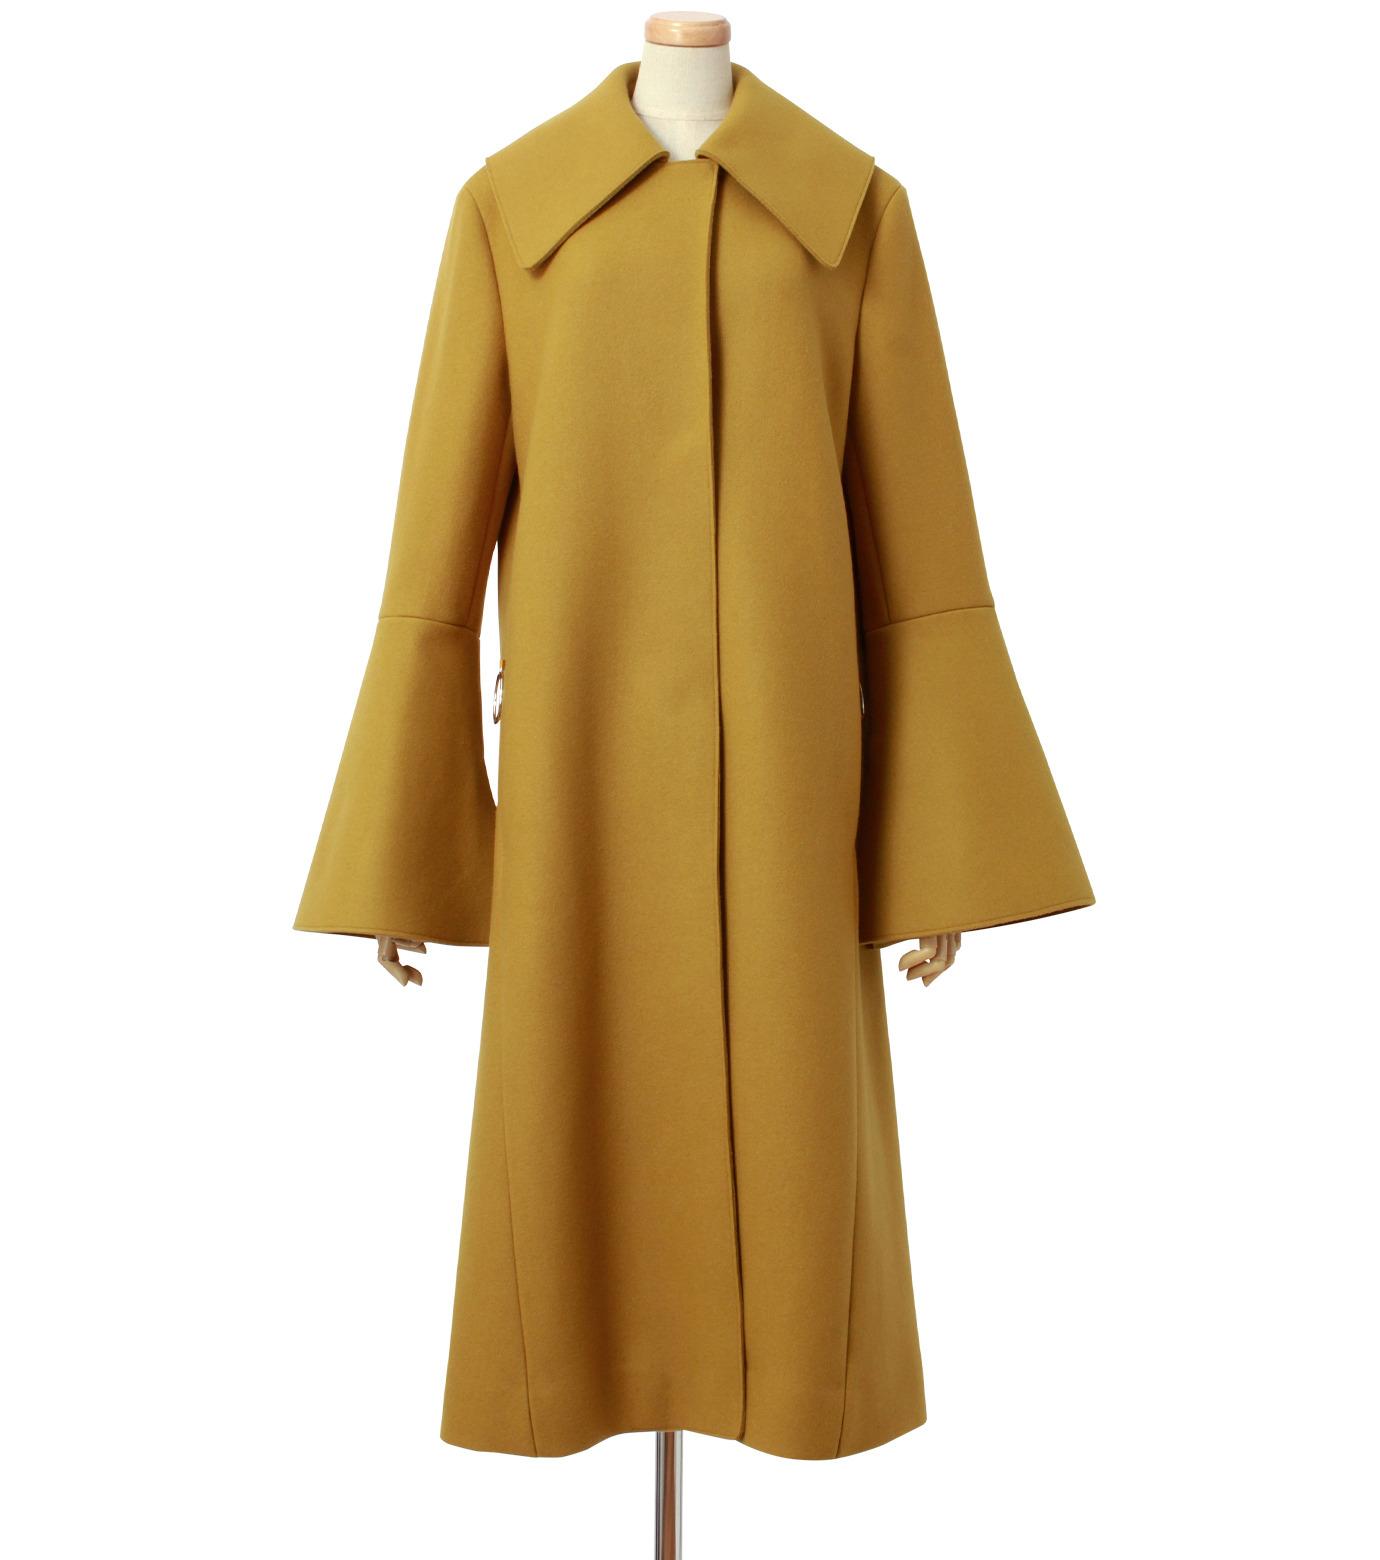 IRENE(アイレネ)のベルスリーブトレンチコート-MUSTARD(コート/coat)-18A89004 拡大詳細画像1